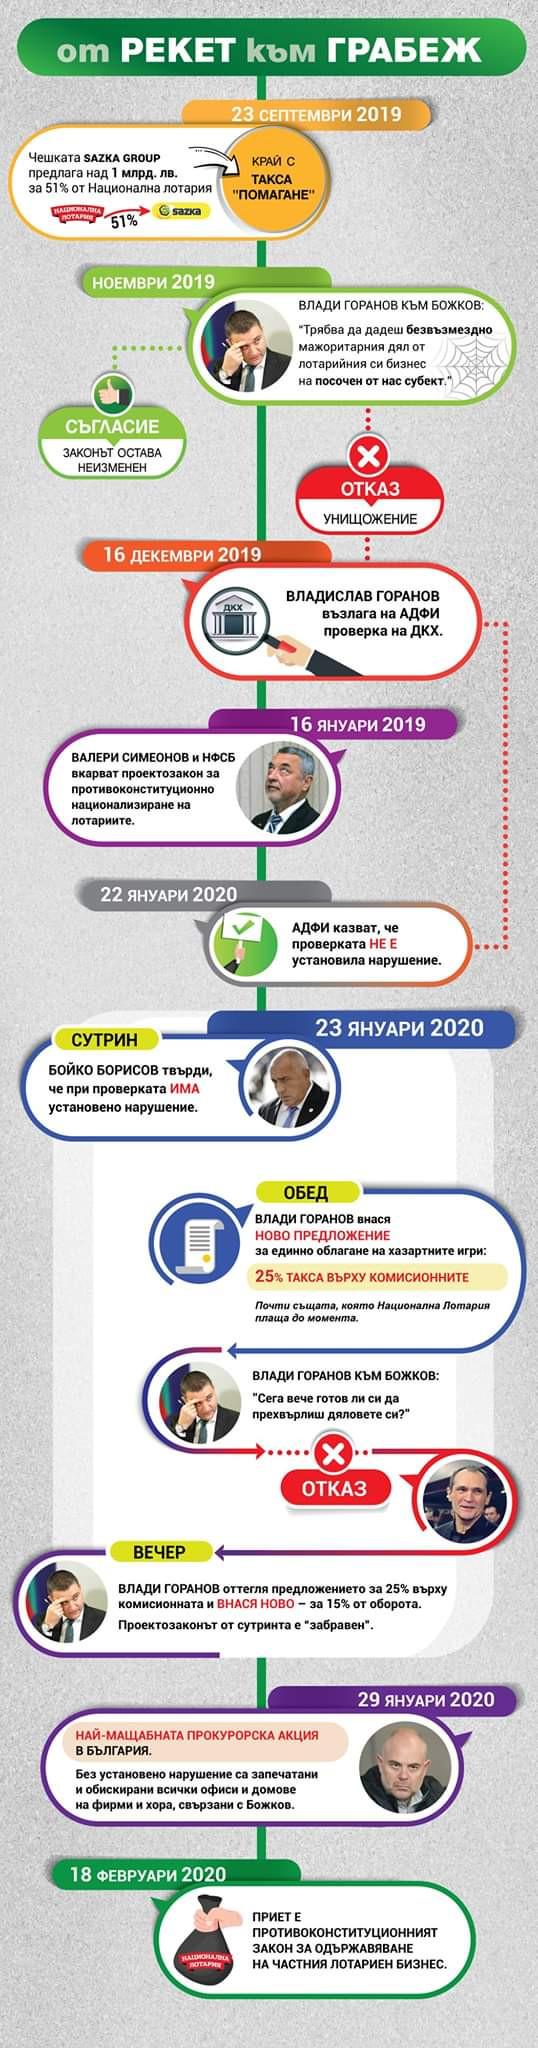 Божков отговори на Гешев с нова публикация, като включи в схемата и него (СНИМКА) 1